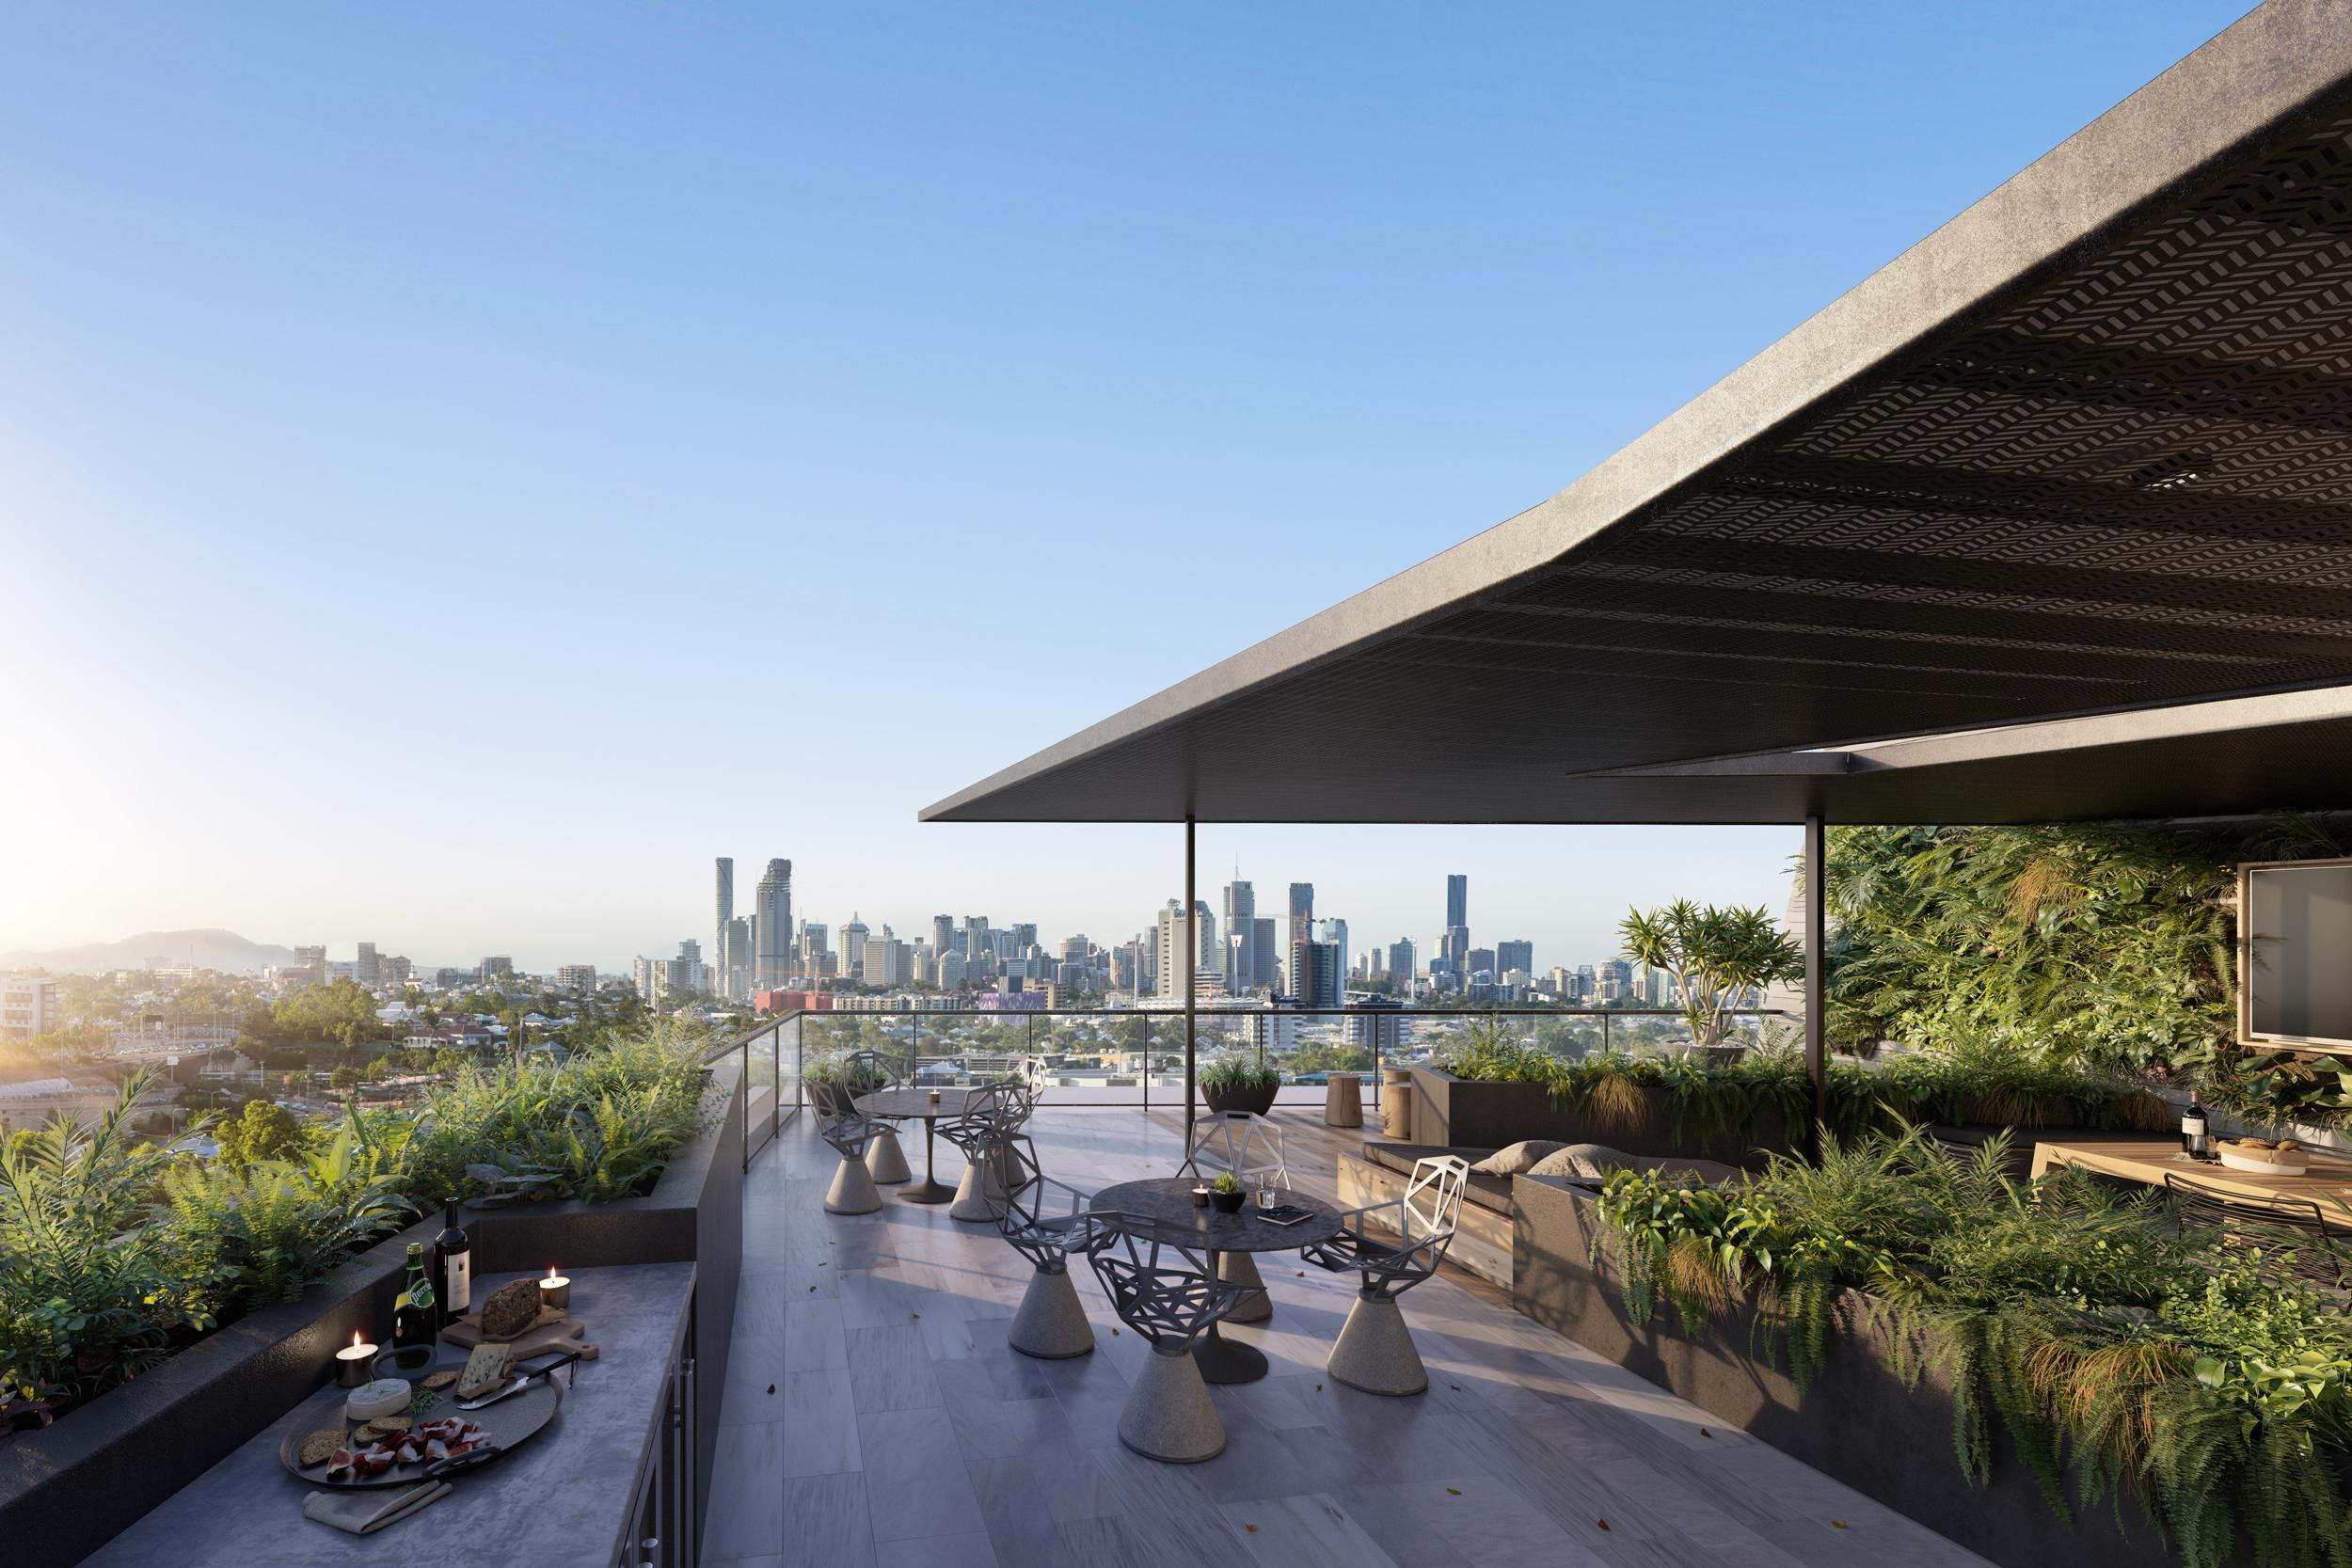 Zillah St_Exterior_Rooftop_Final 2500.jpg